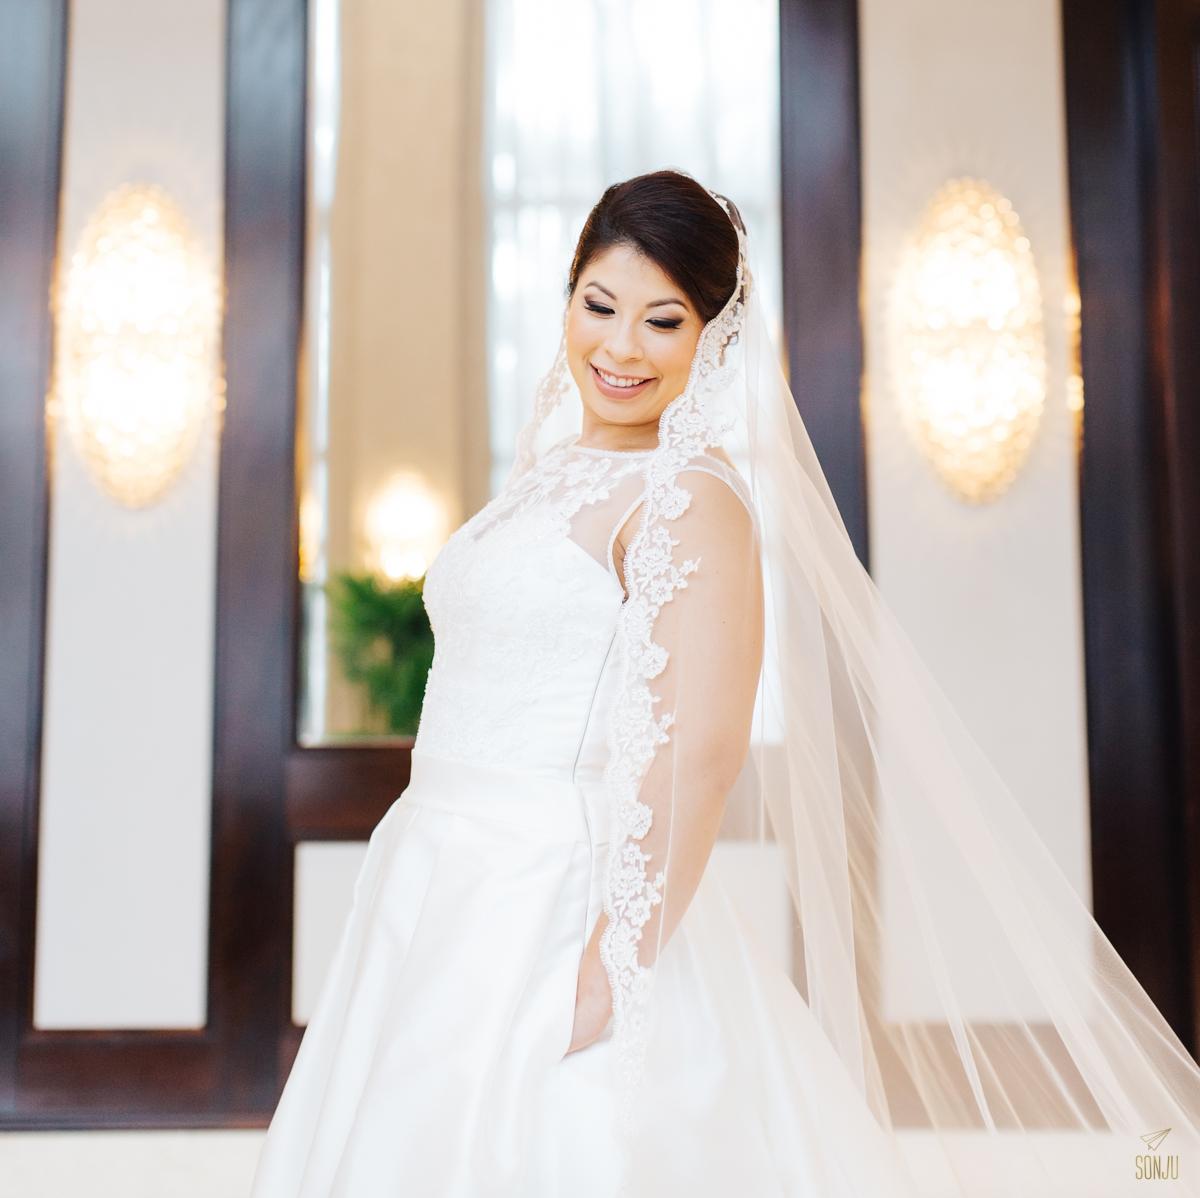 Bridal portrait in hotel lobby Plantation Florida